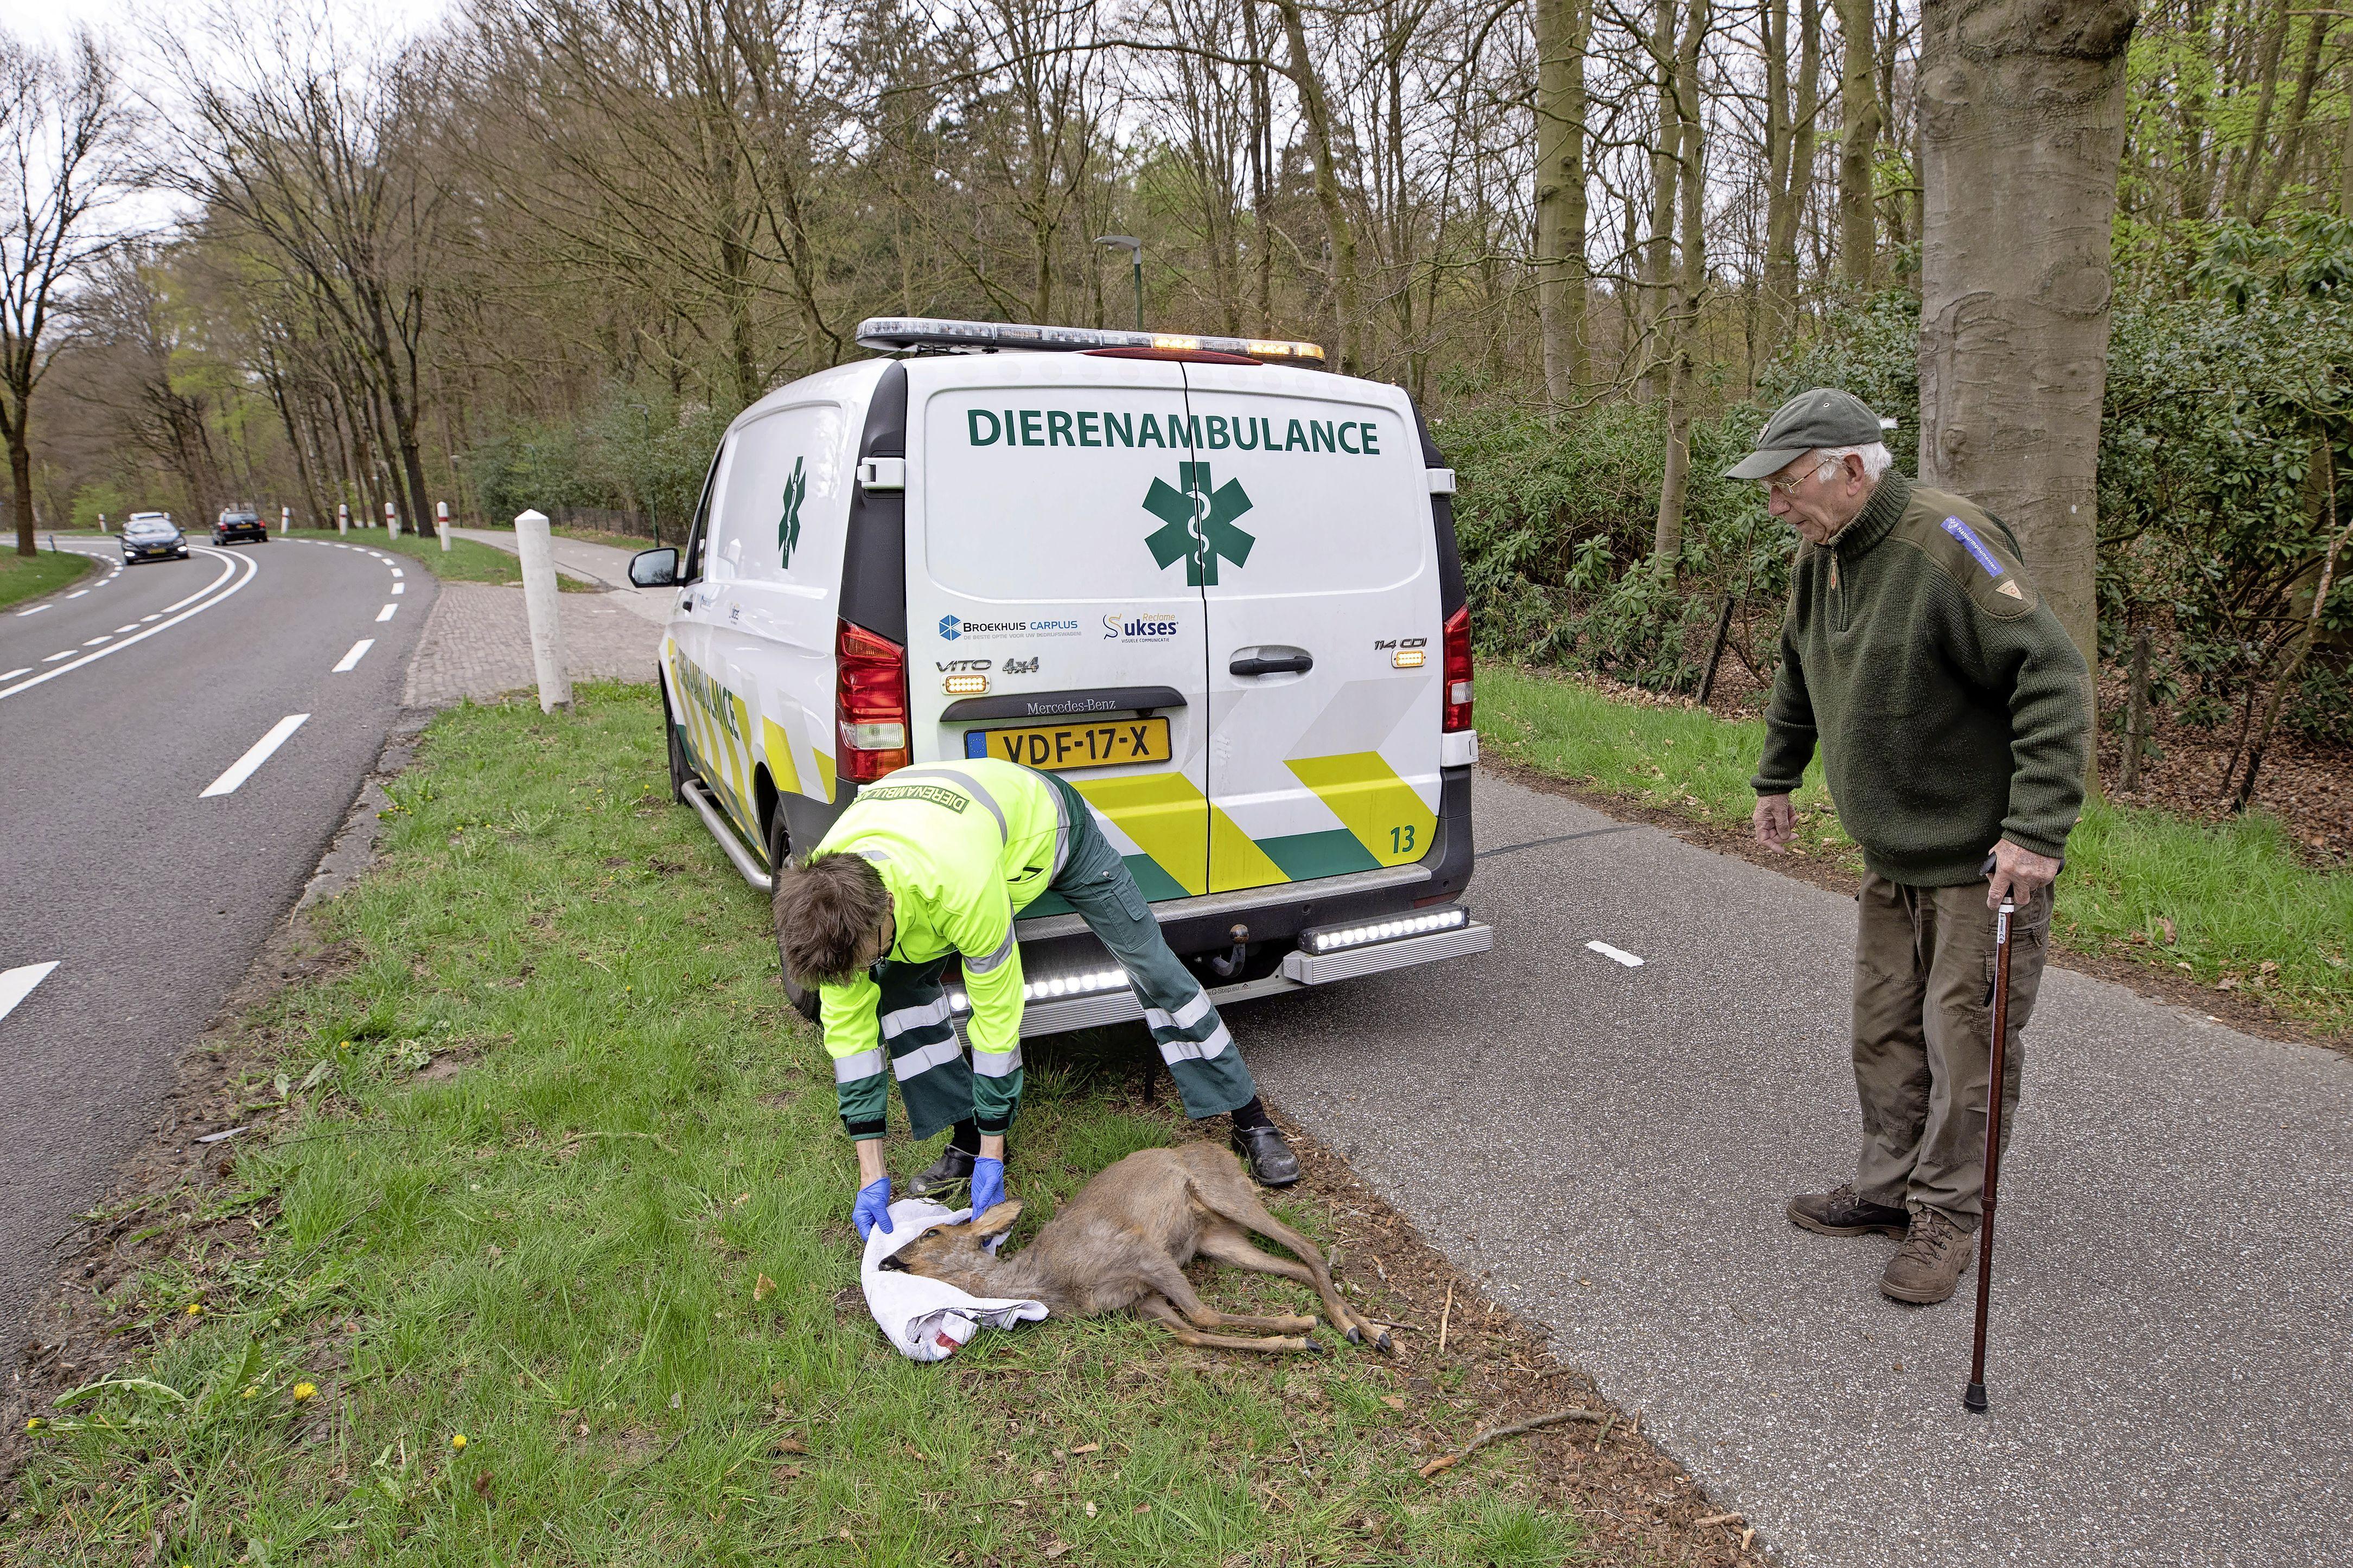 Drukte in de bossen Soest richt slachting aan onder reeën; Jaargemiddelde na vier maanden al bereikt. In een week tijd vijf dieren doodgereden